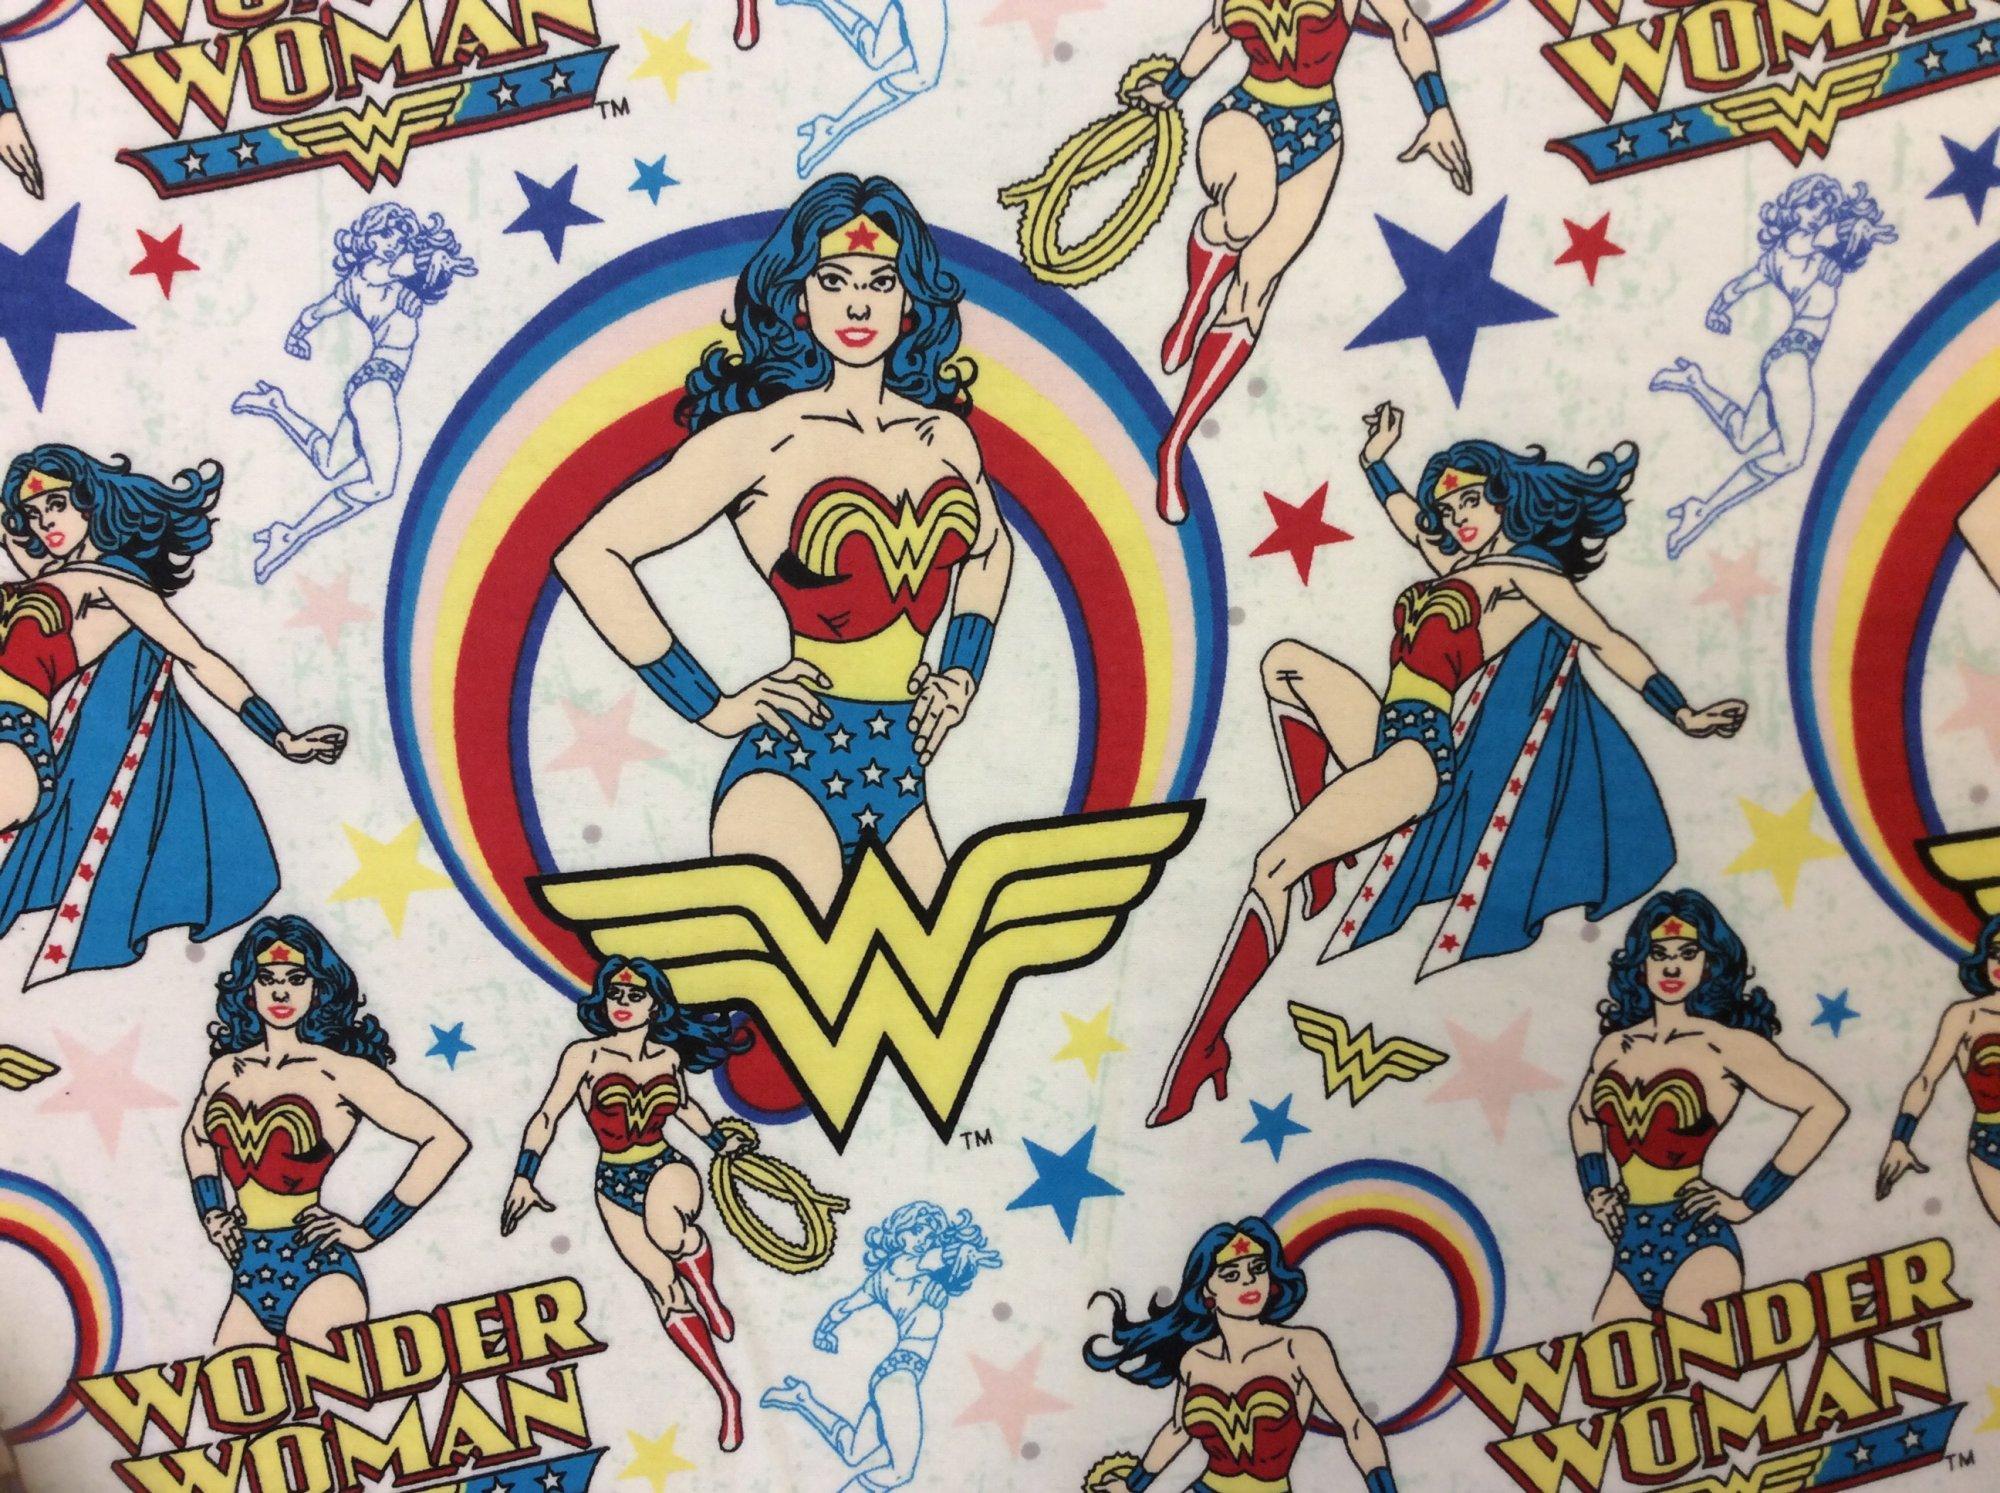 Wonderwoman DC Comics Wonder Woman Soft FLANNEL Super Hero Cotton Quilt Fabric. FT129